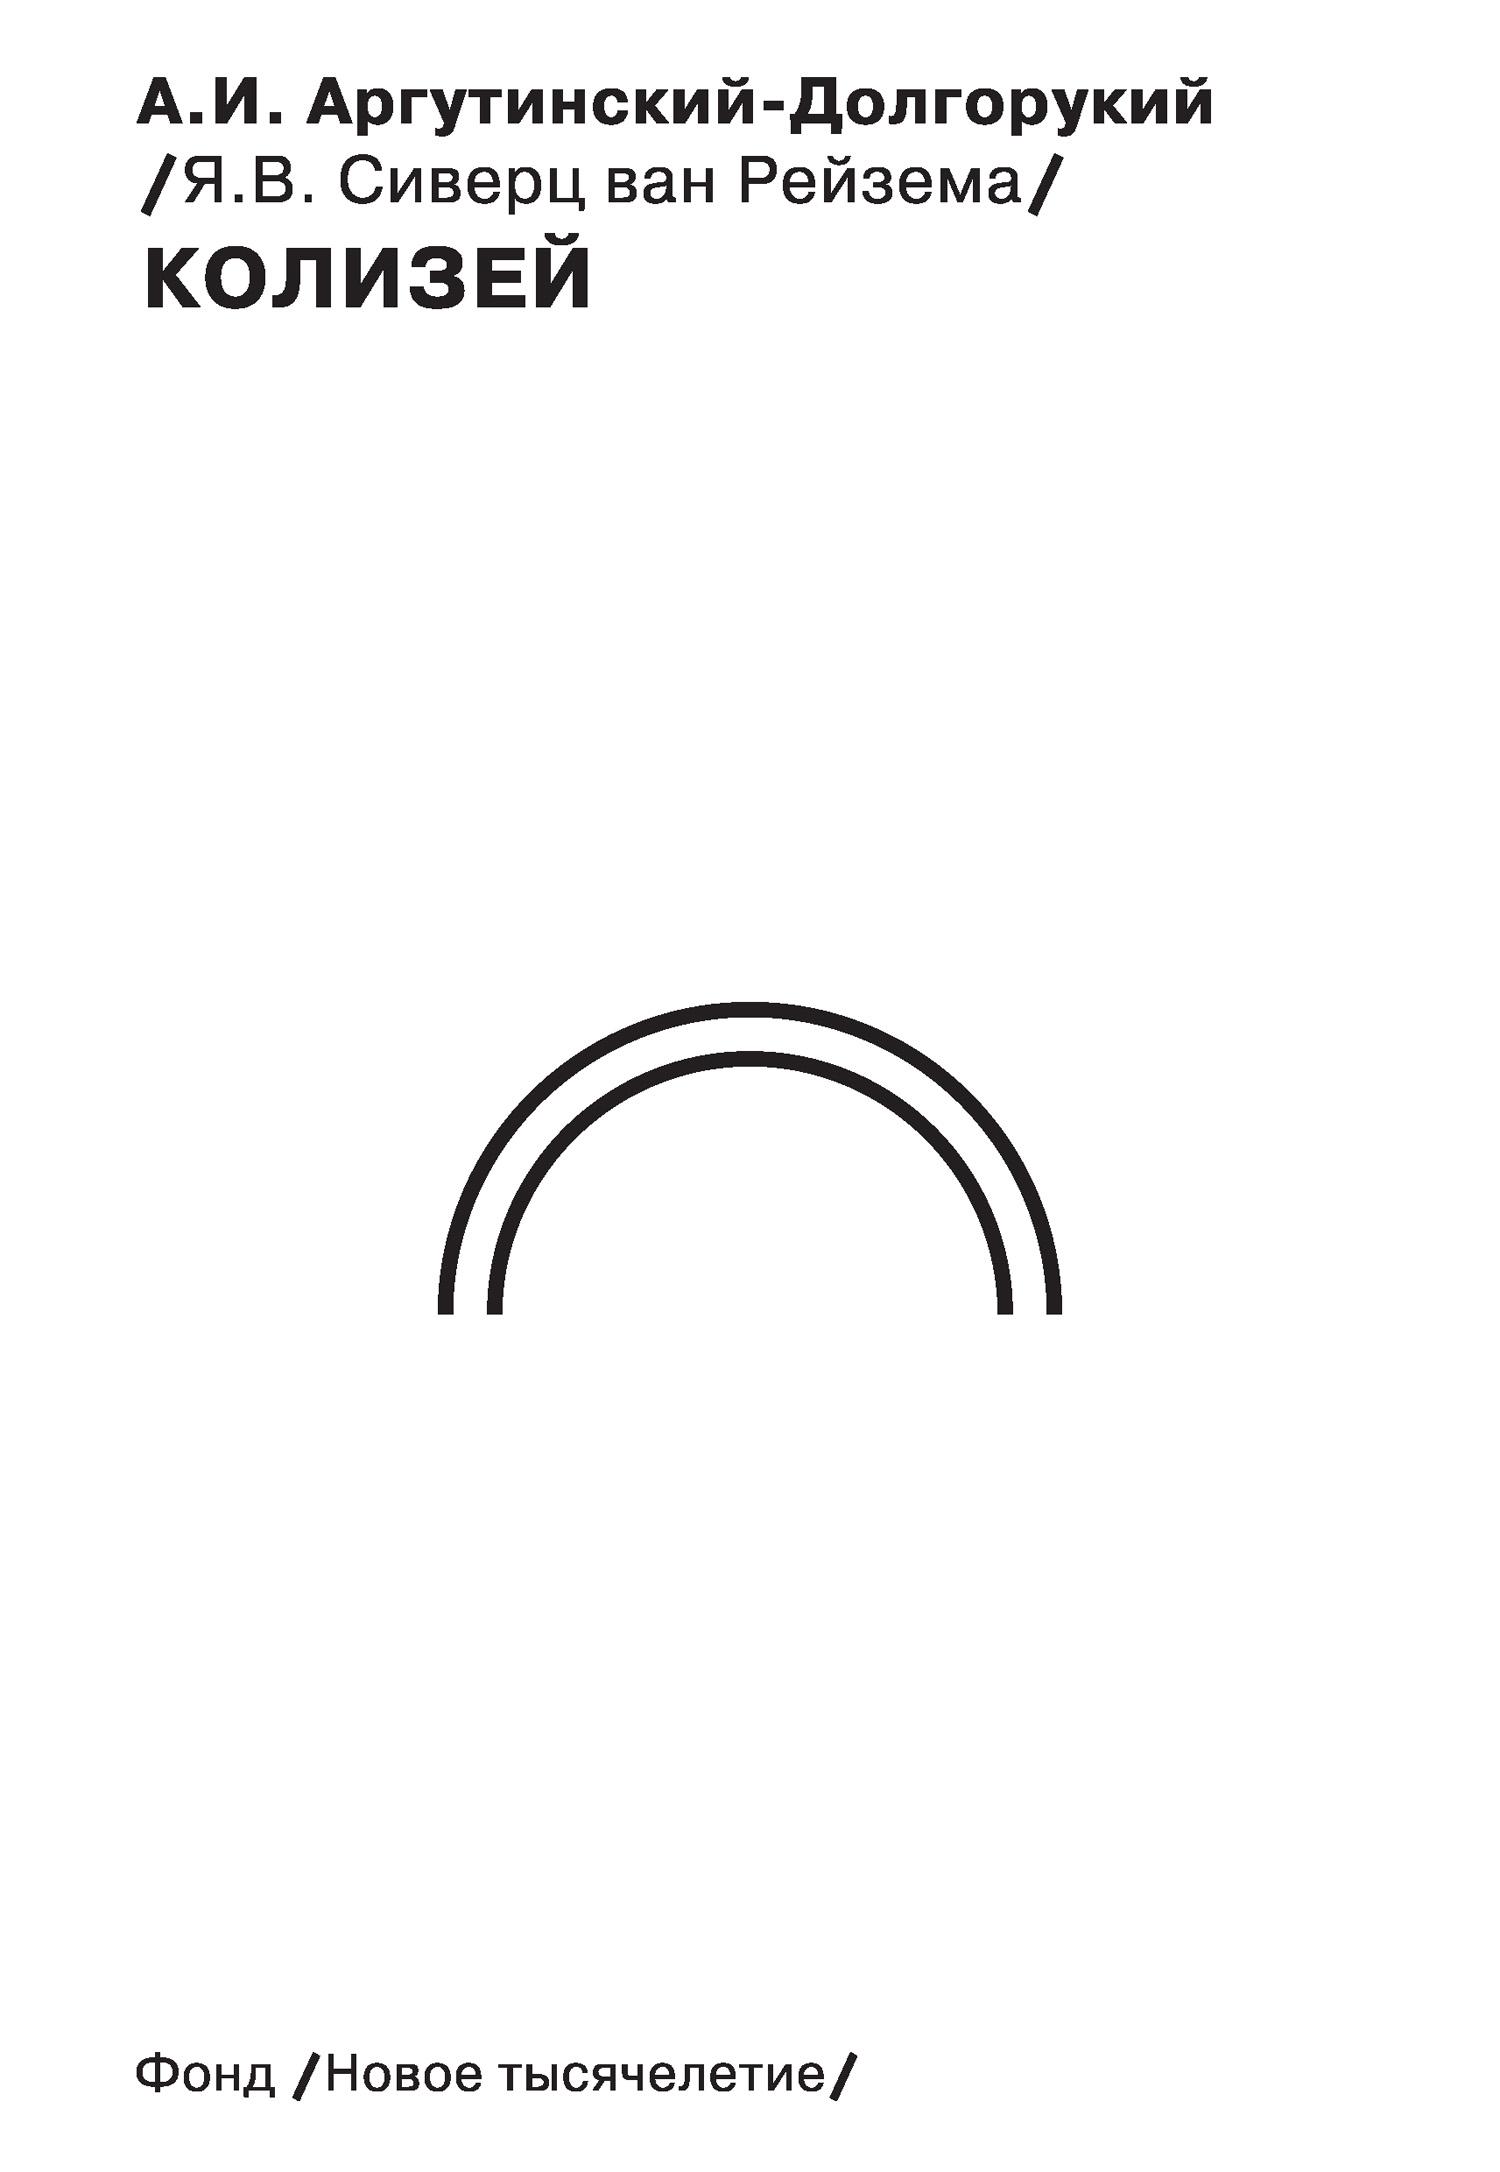 Ян Вильям Сиверц ван Рейзема (А. И. Аргутинский-Долгорукий) Колизей ян вильям сиверц ван рейзема а и аргутинский долгорукий аккорды нового тысячелетия accords for new millenium